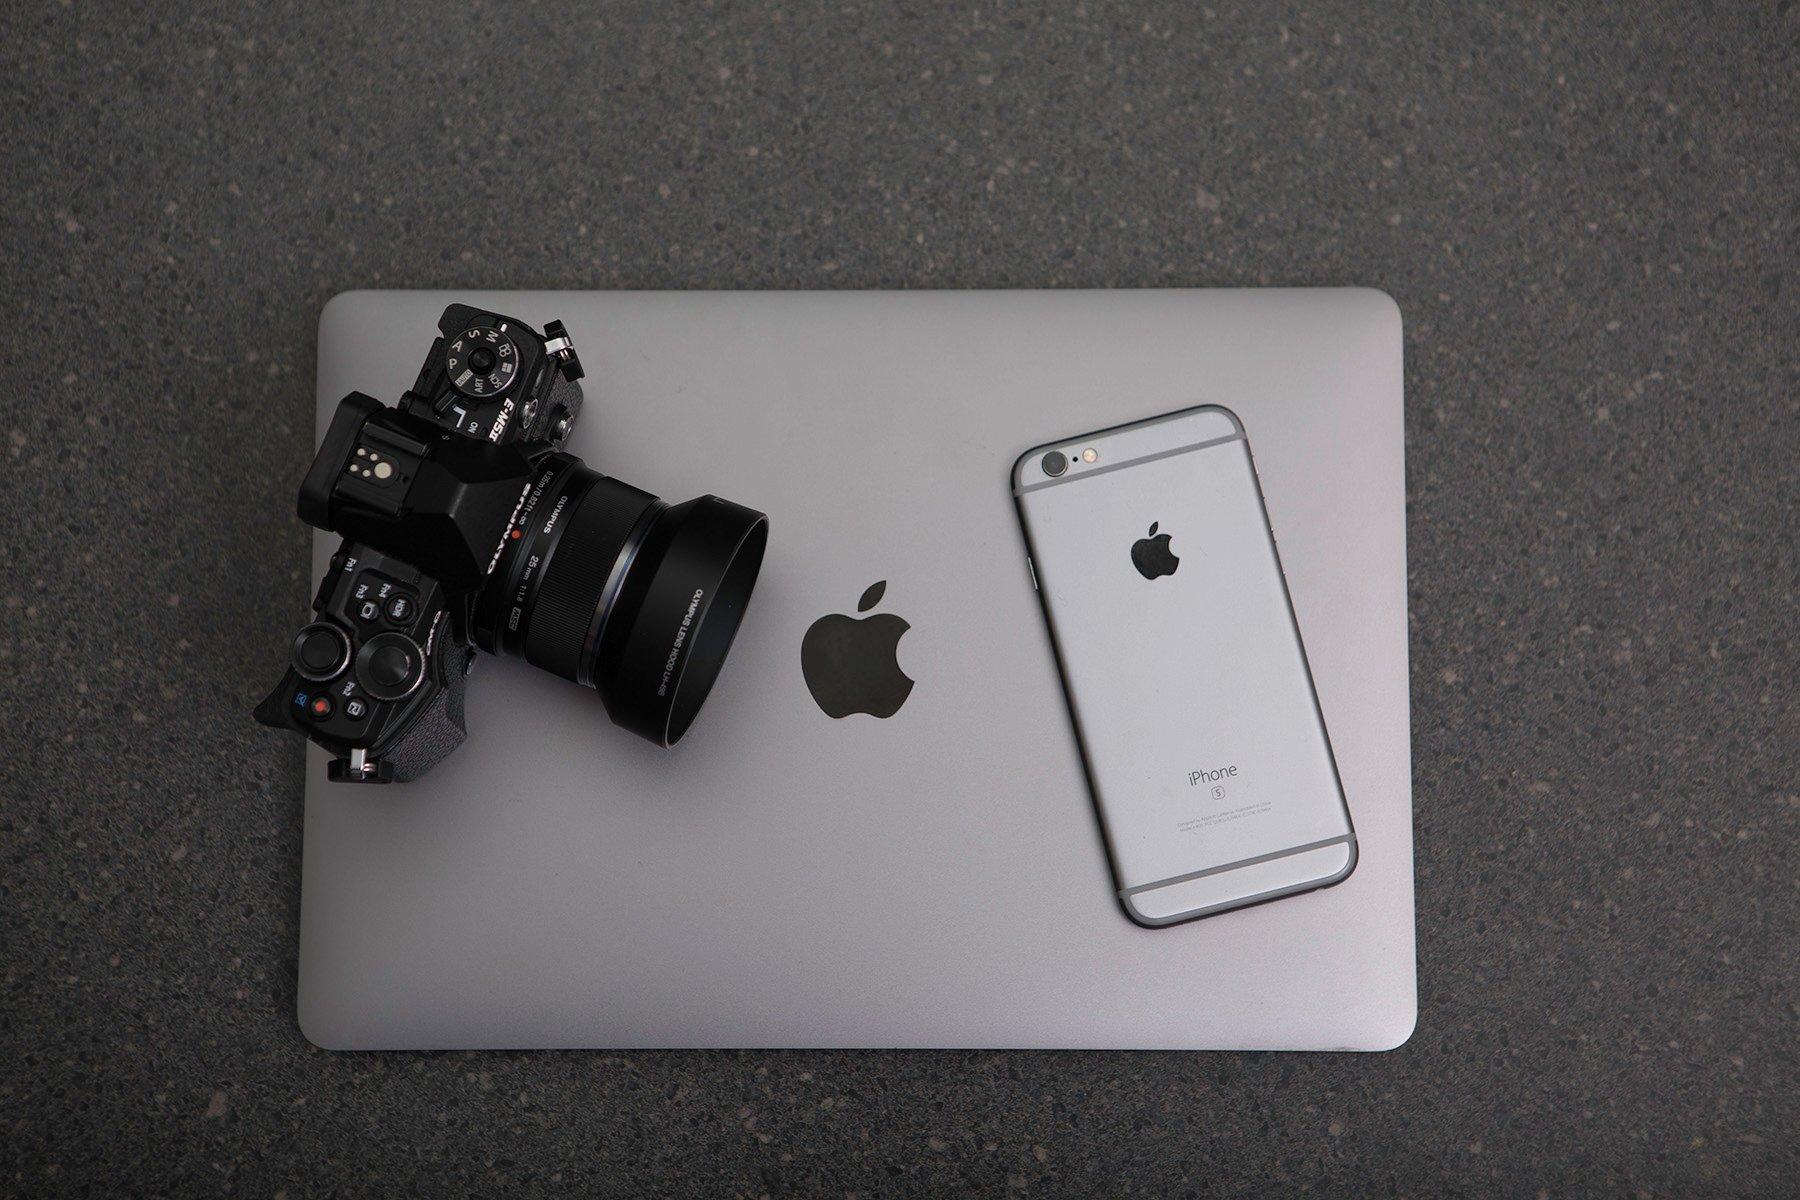 pexels-photo-306763.jpg